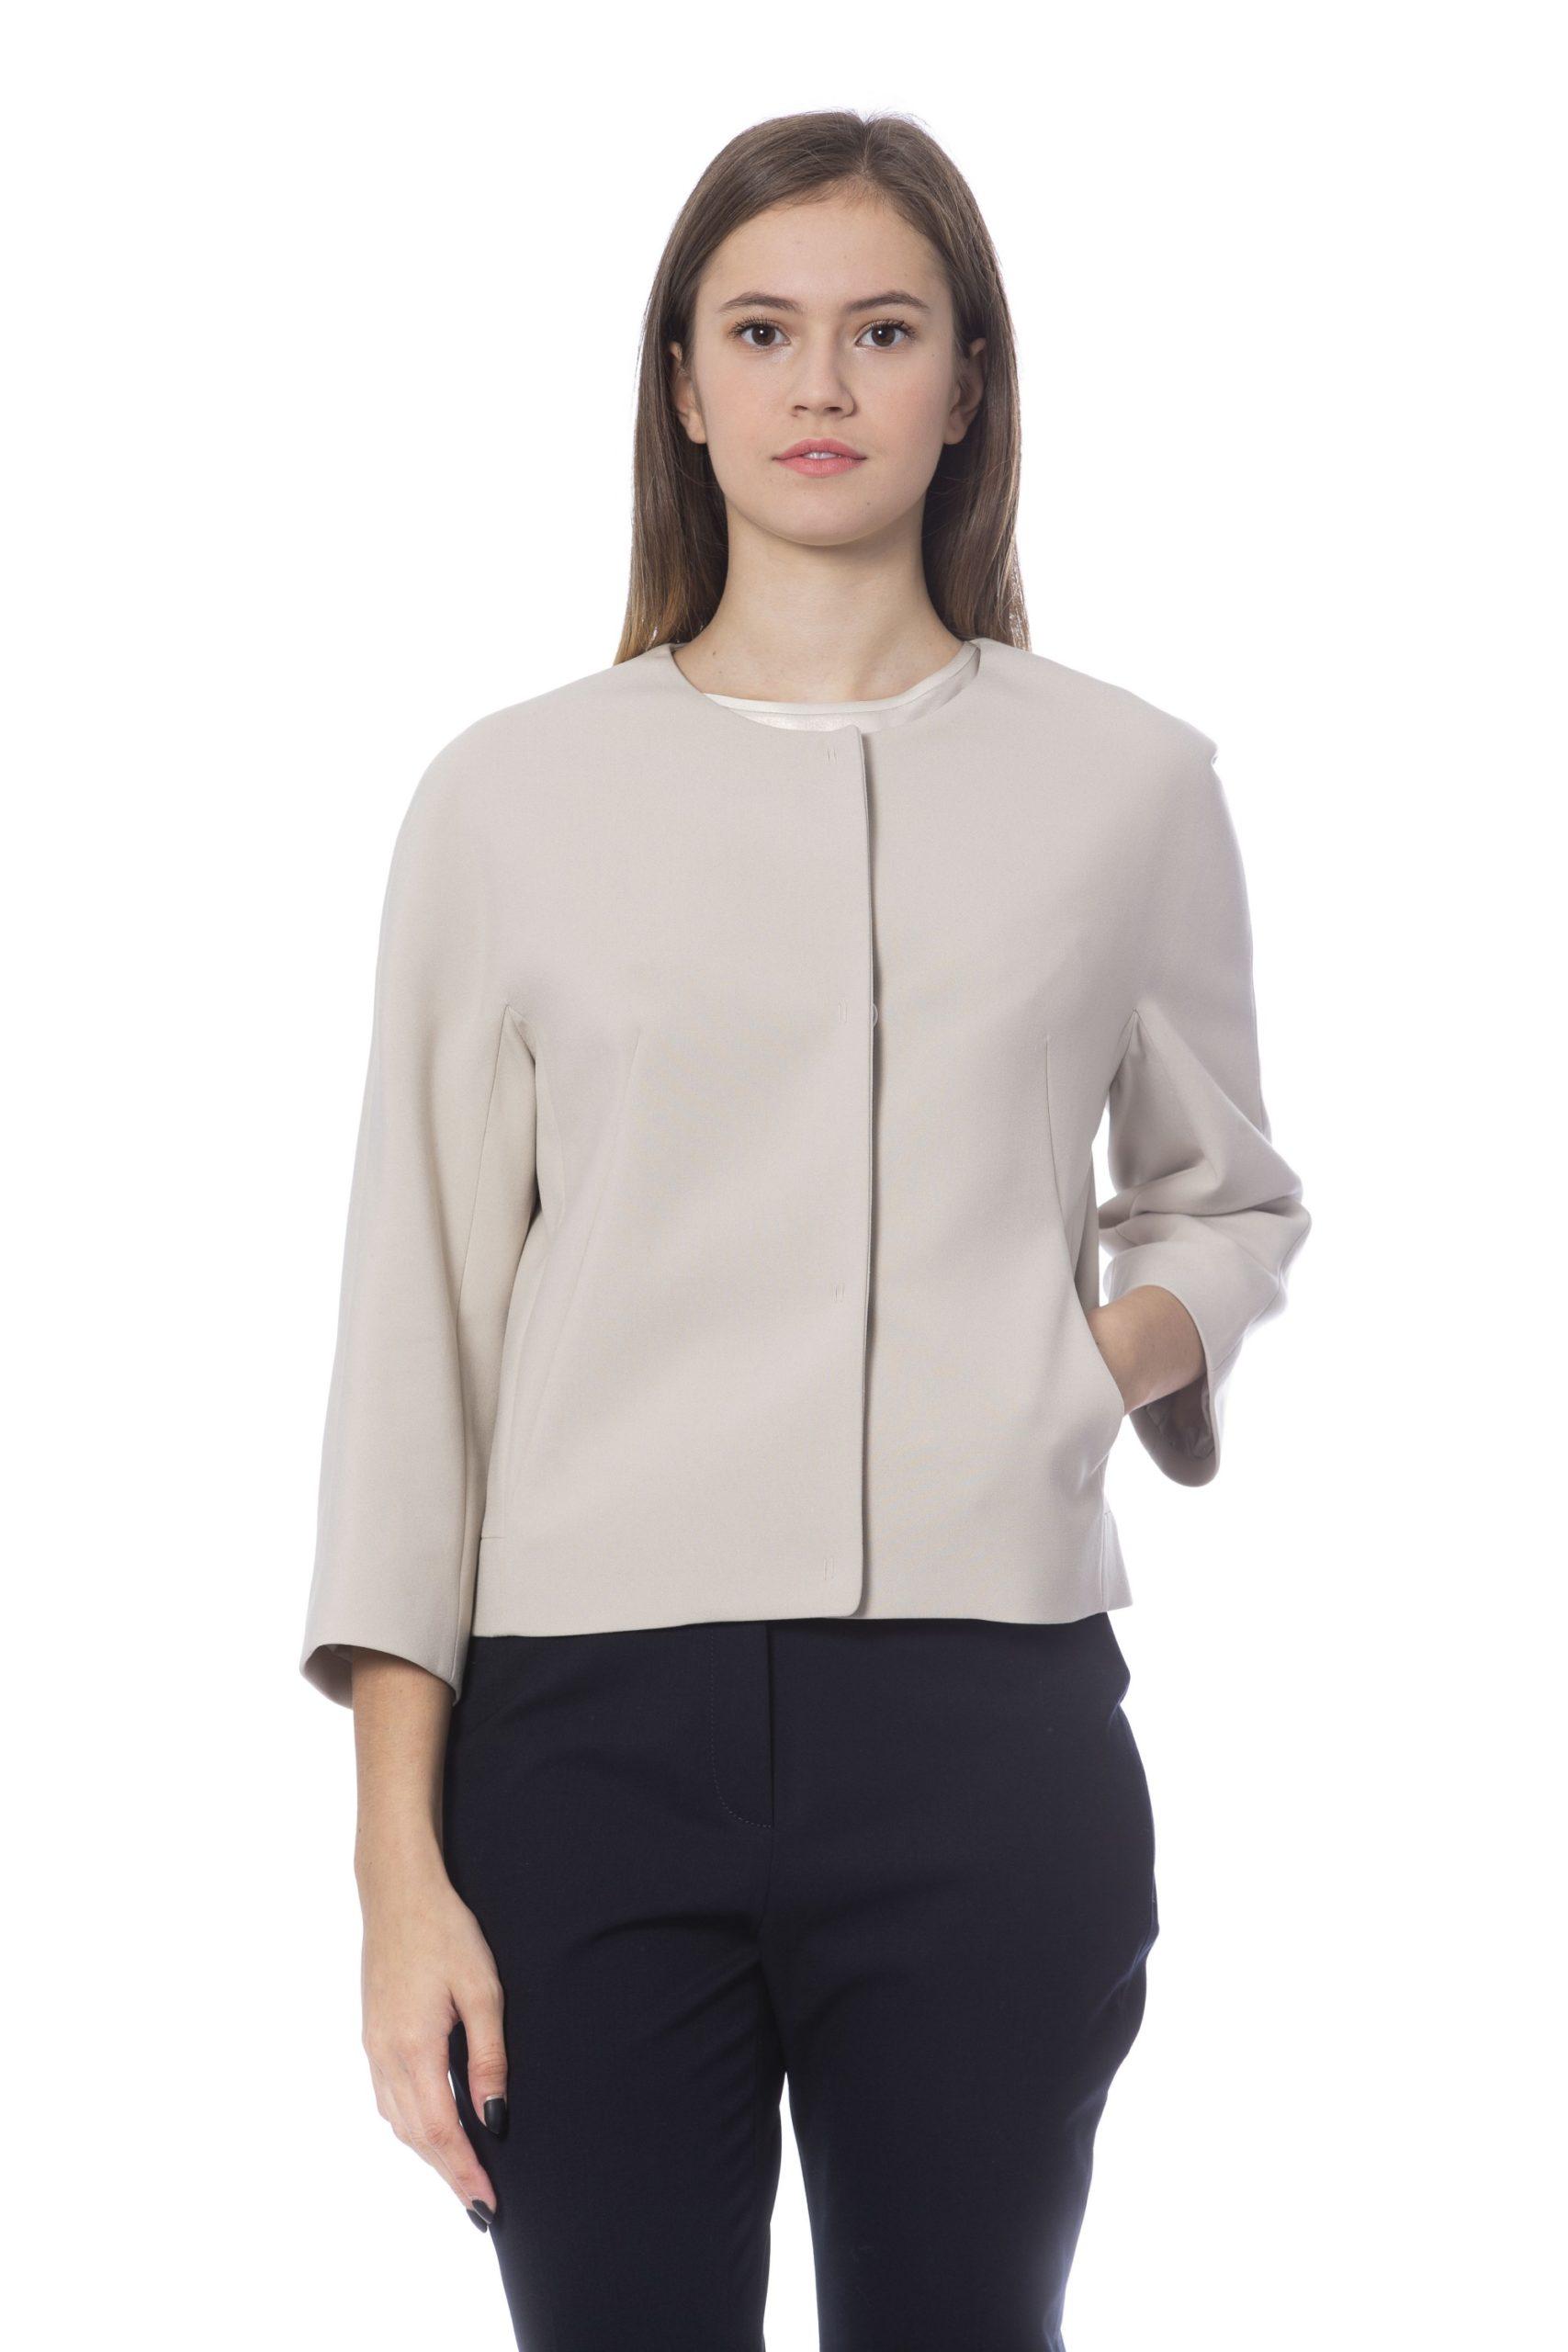 Peserico Women's Jacket Beige PE1272400 - IT42 | S